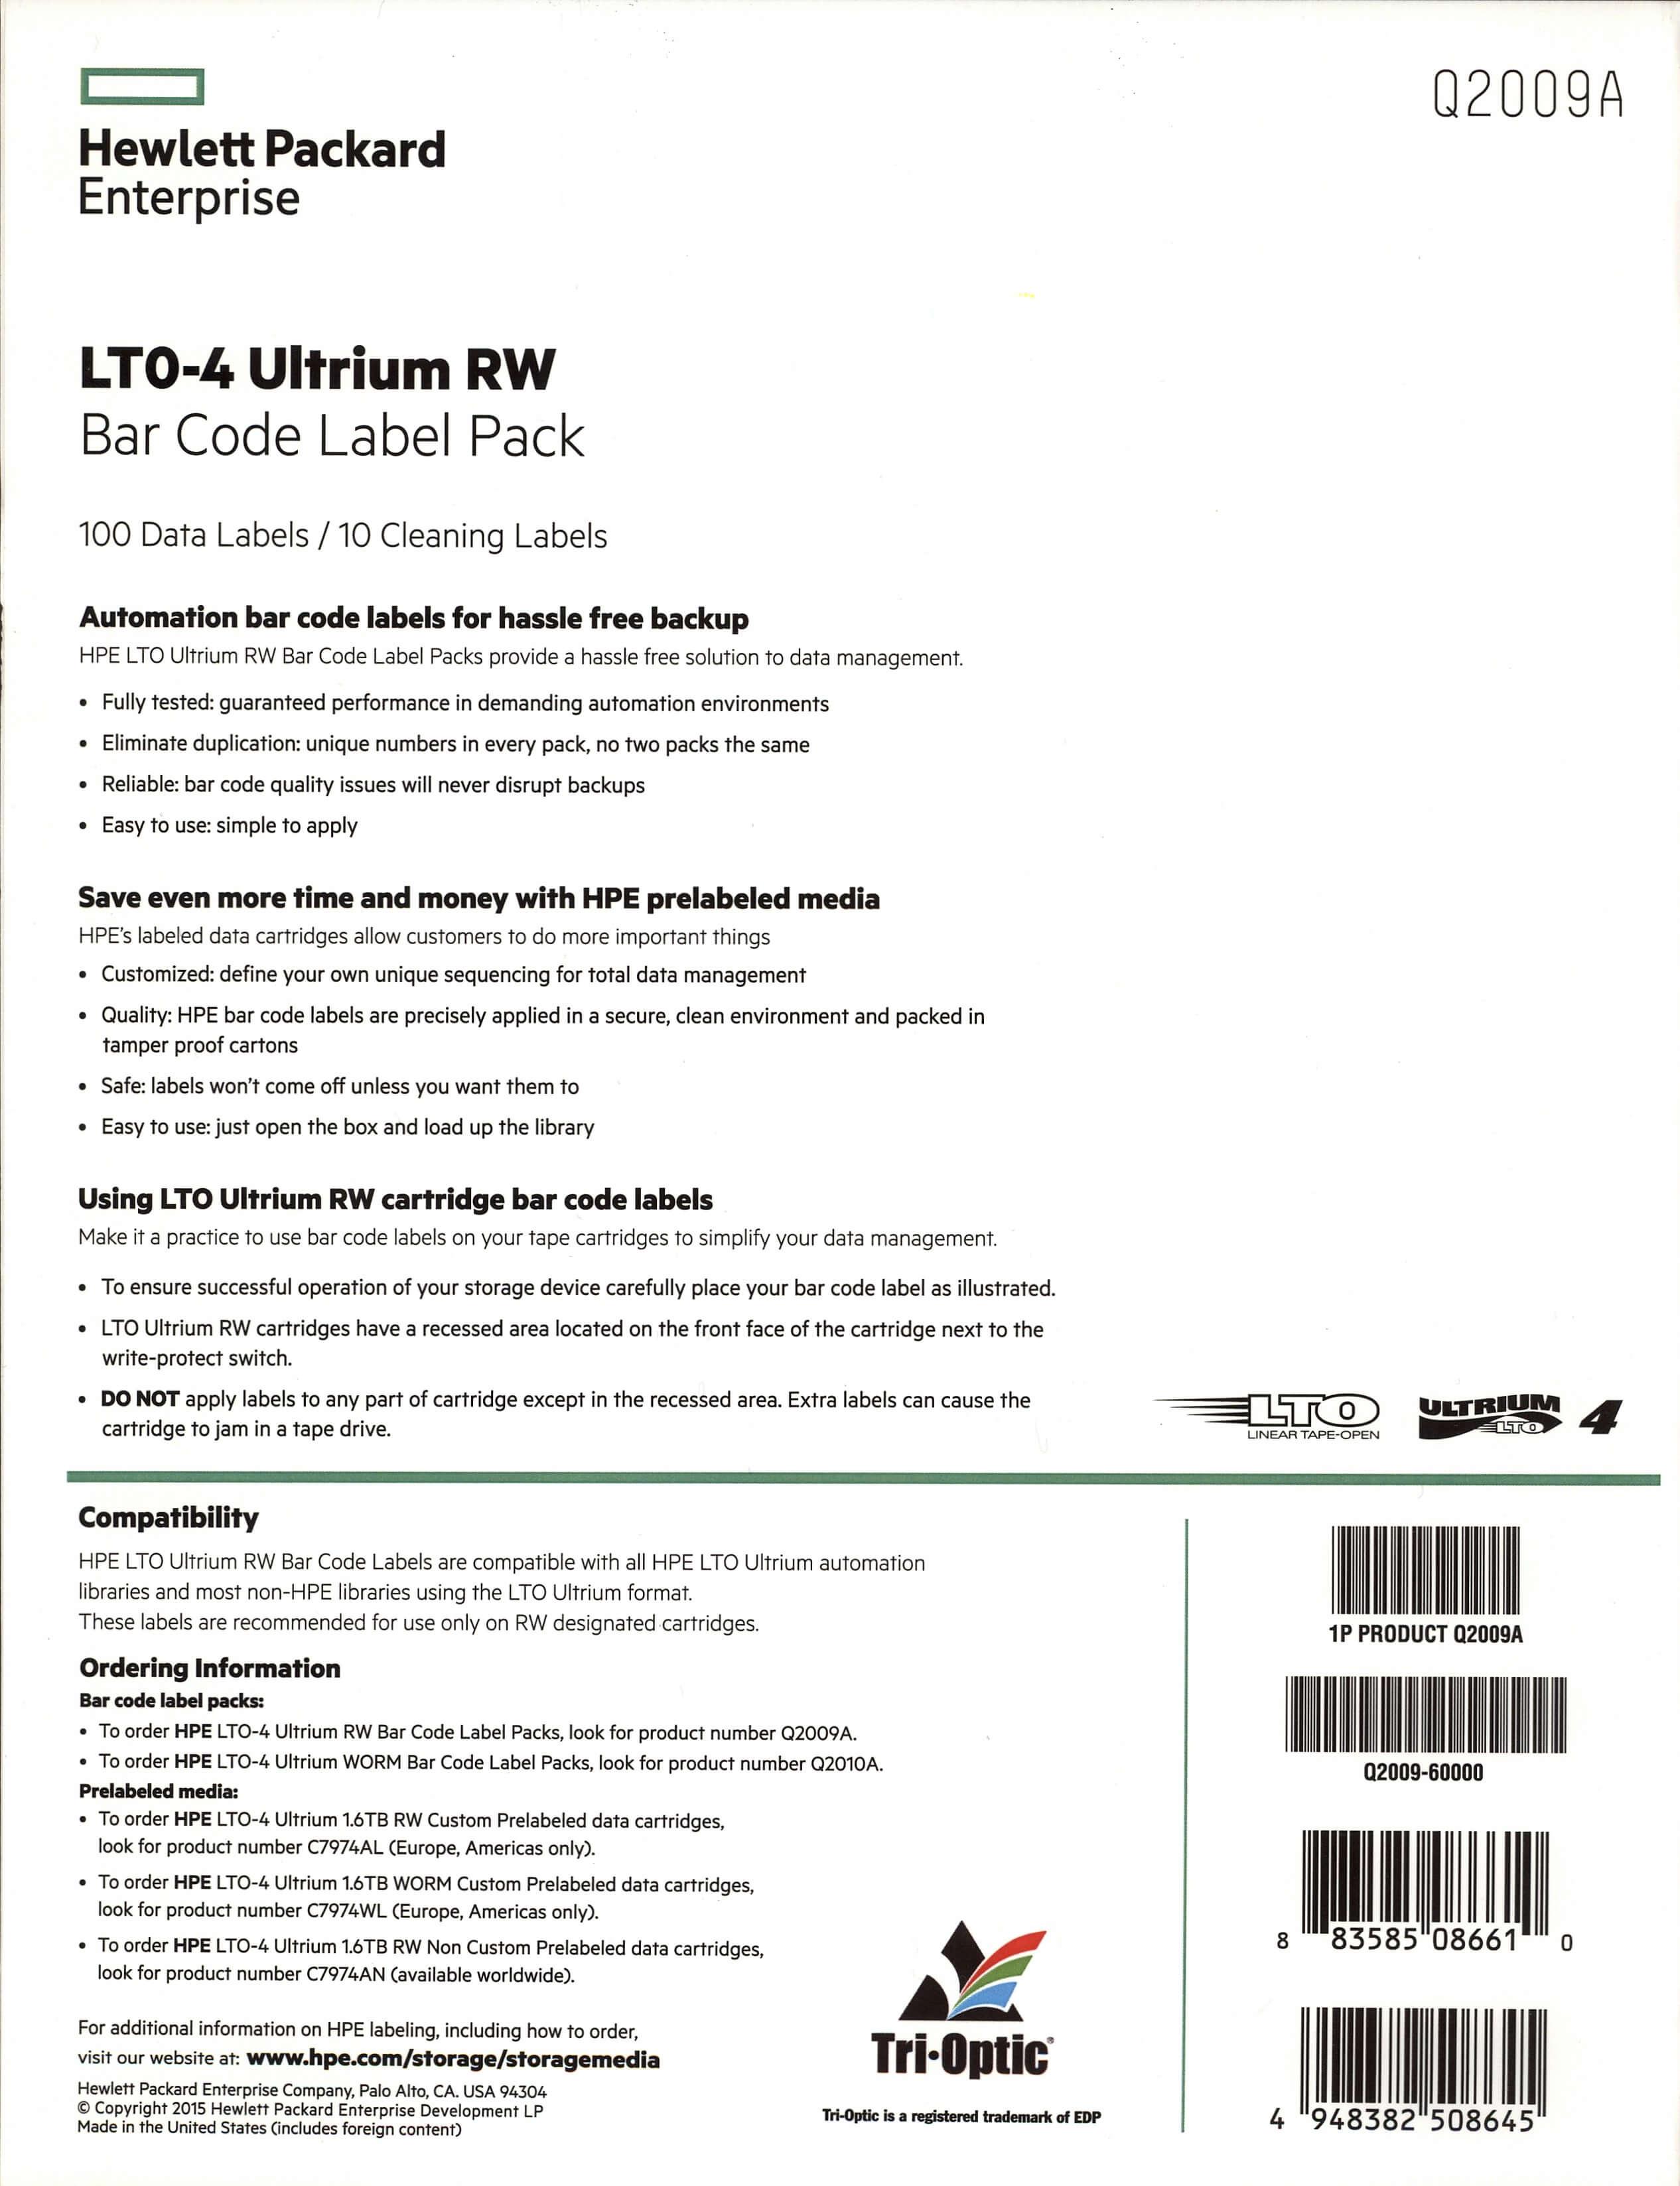 Foto do verso da capa kit de Etiquetas de Código de Barras HP Q2009A para Fitas LTO-4 Ultrium